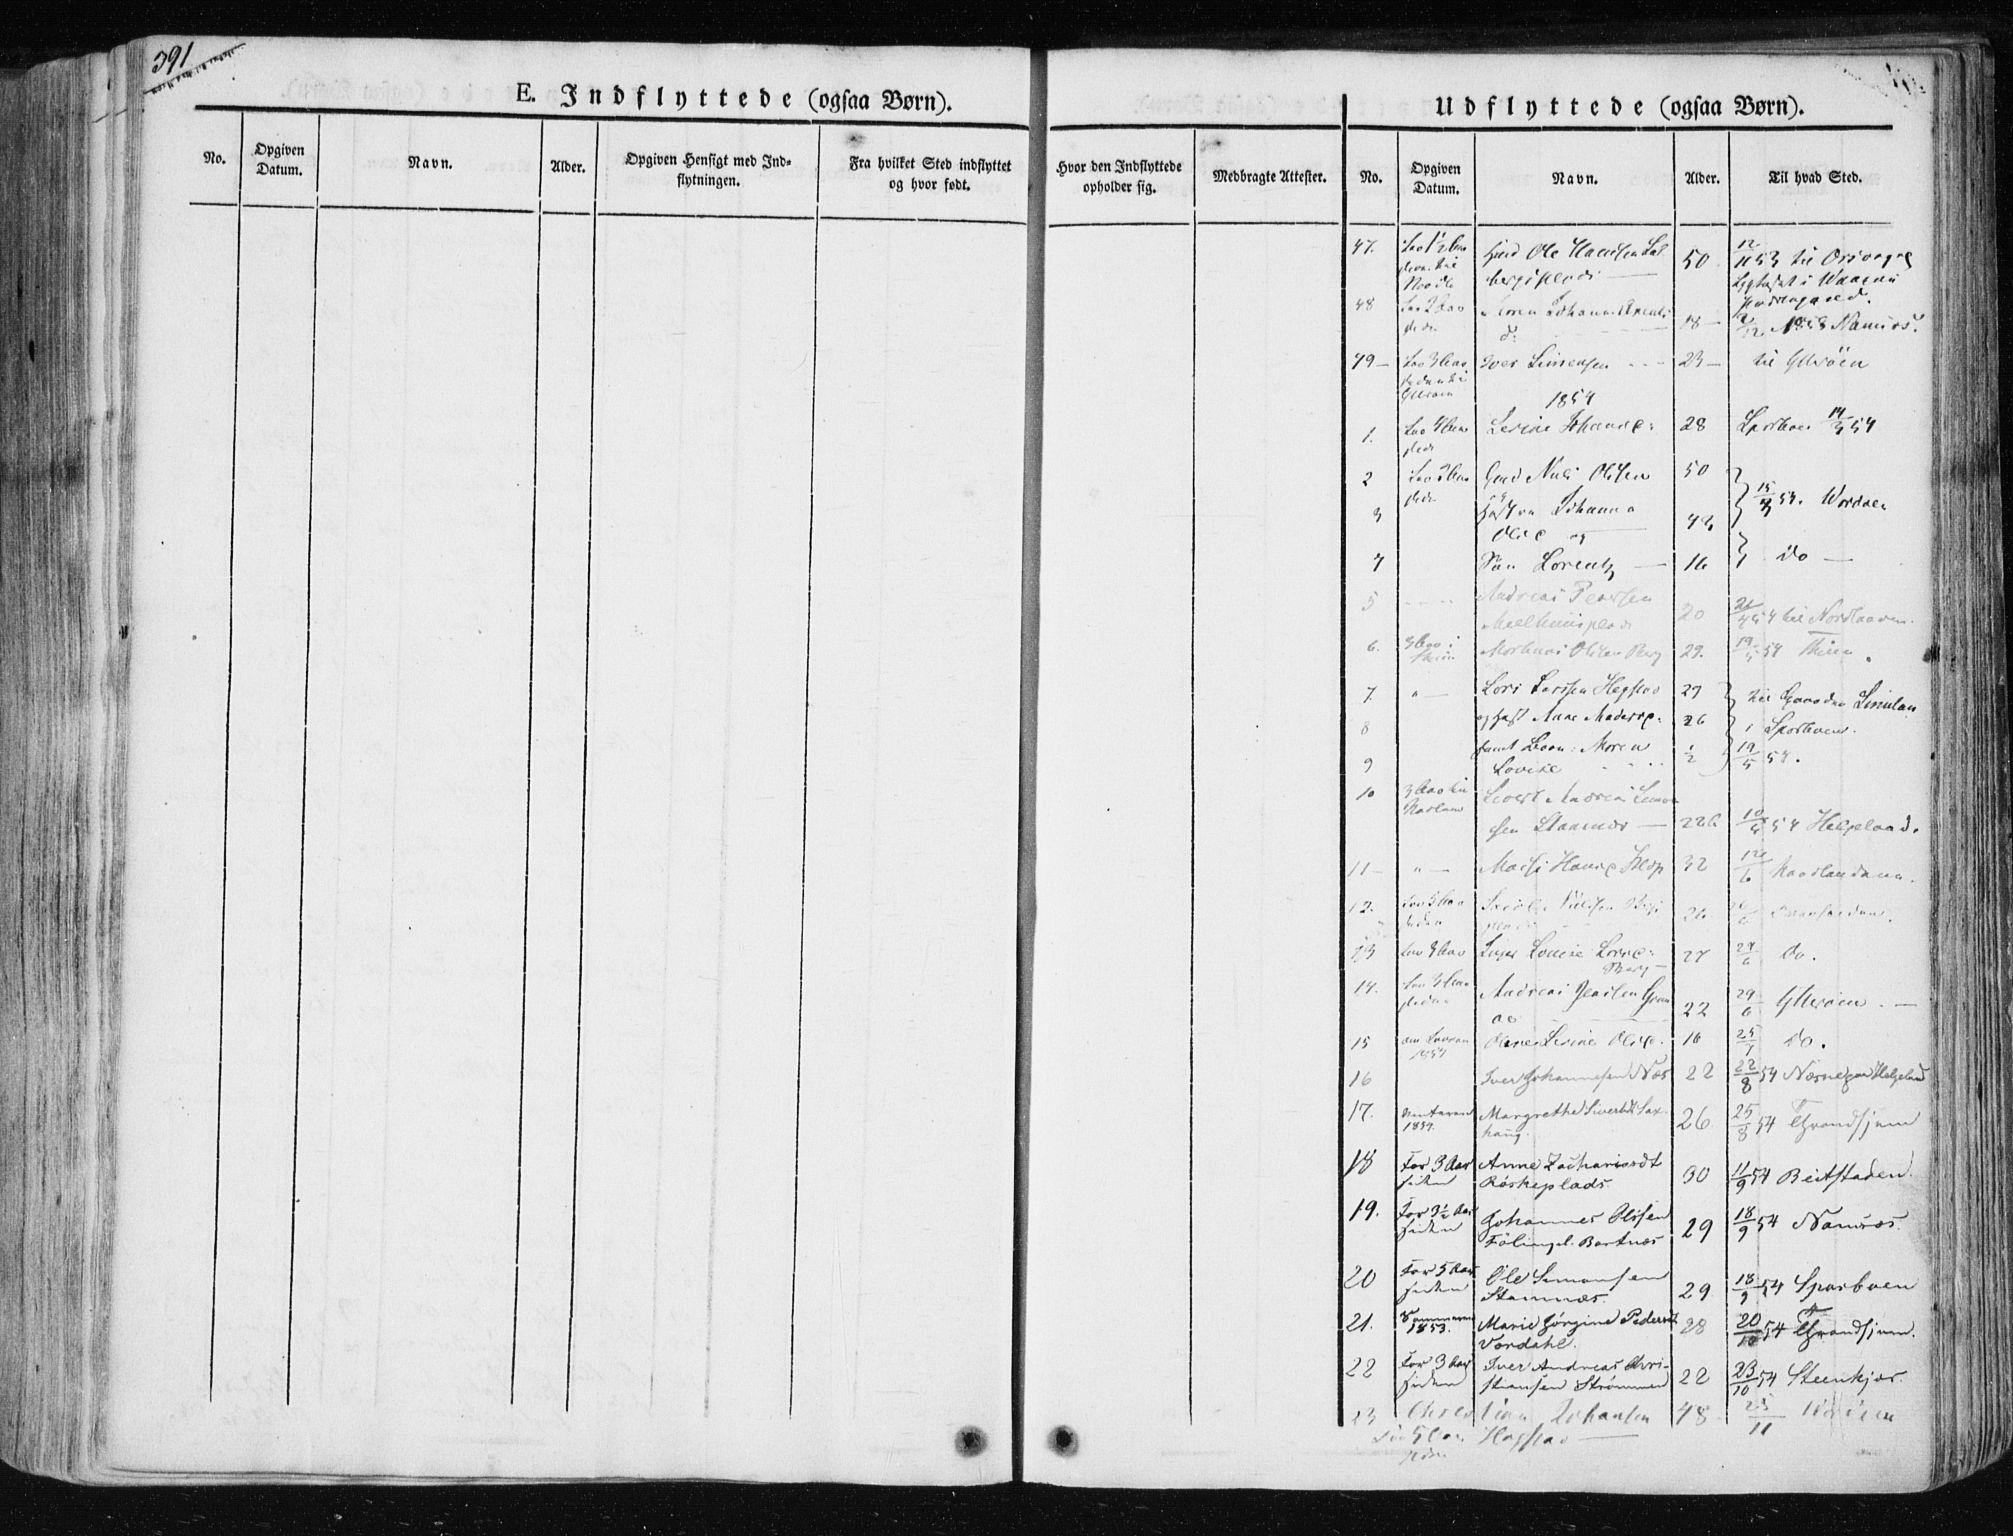 SAT, Ministerialprotokoller, klokkerbøker og fødselsregistre - Nord-Trøndelag, 730/L0280: Ministerialbok nr. 730A07 /1, 1840-1854, s. 391